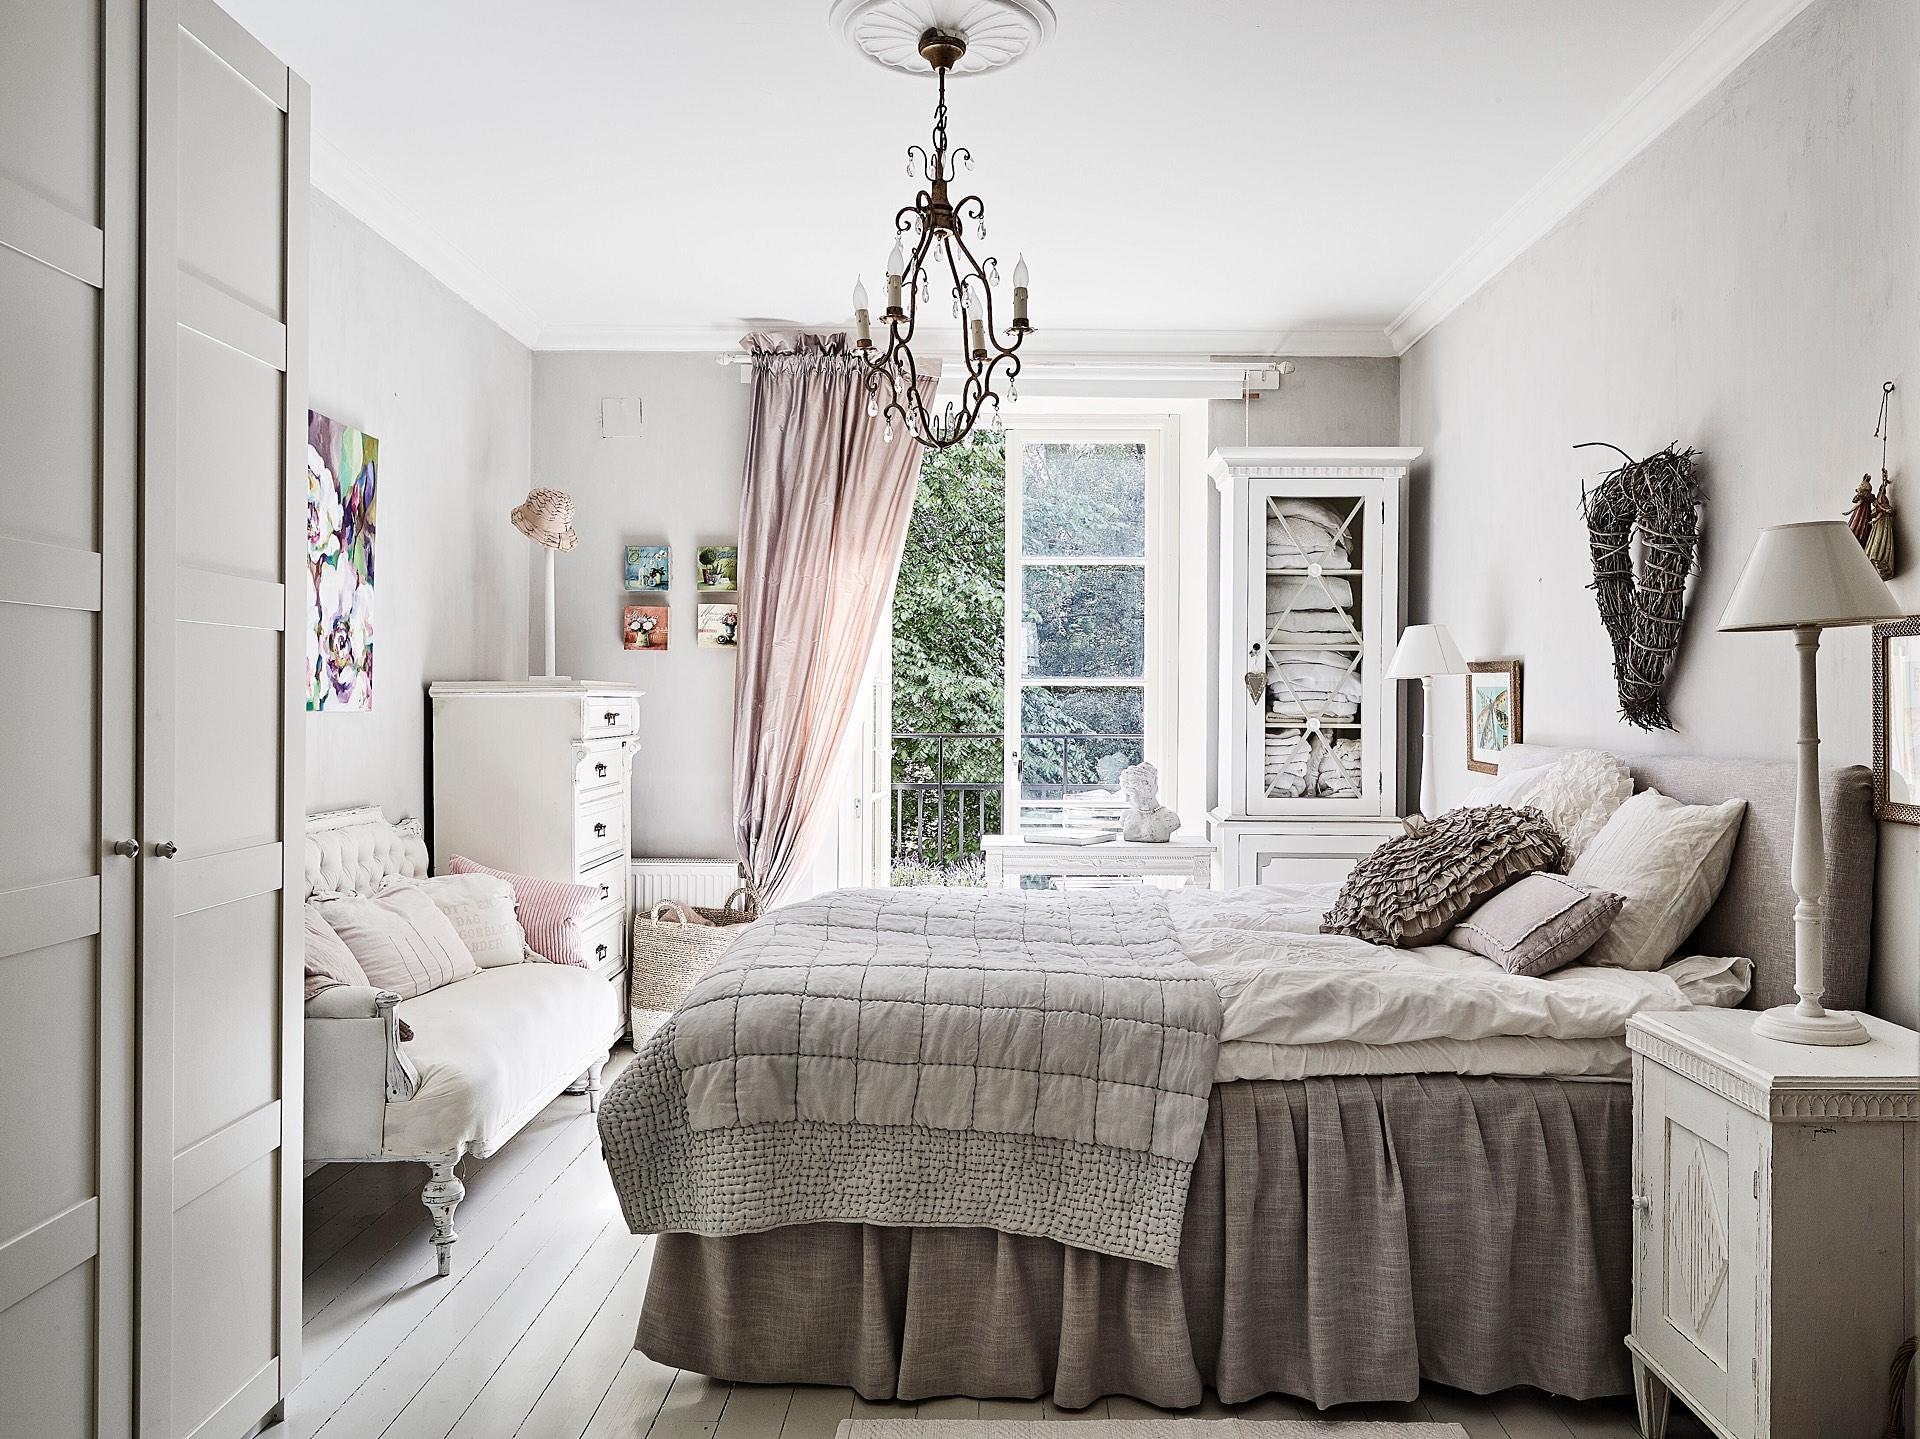 винтаж спальня кровать кушетка доска выход на балкон